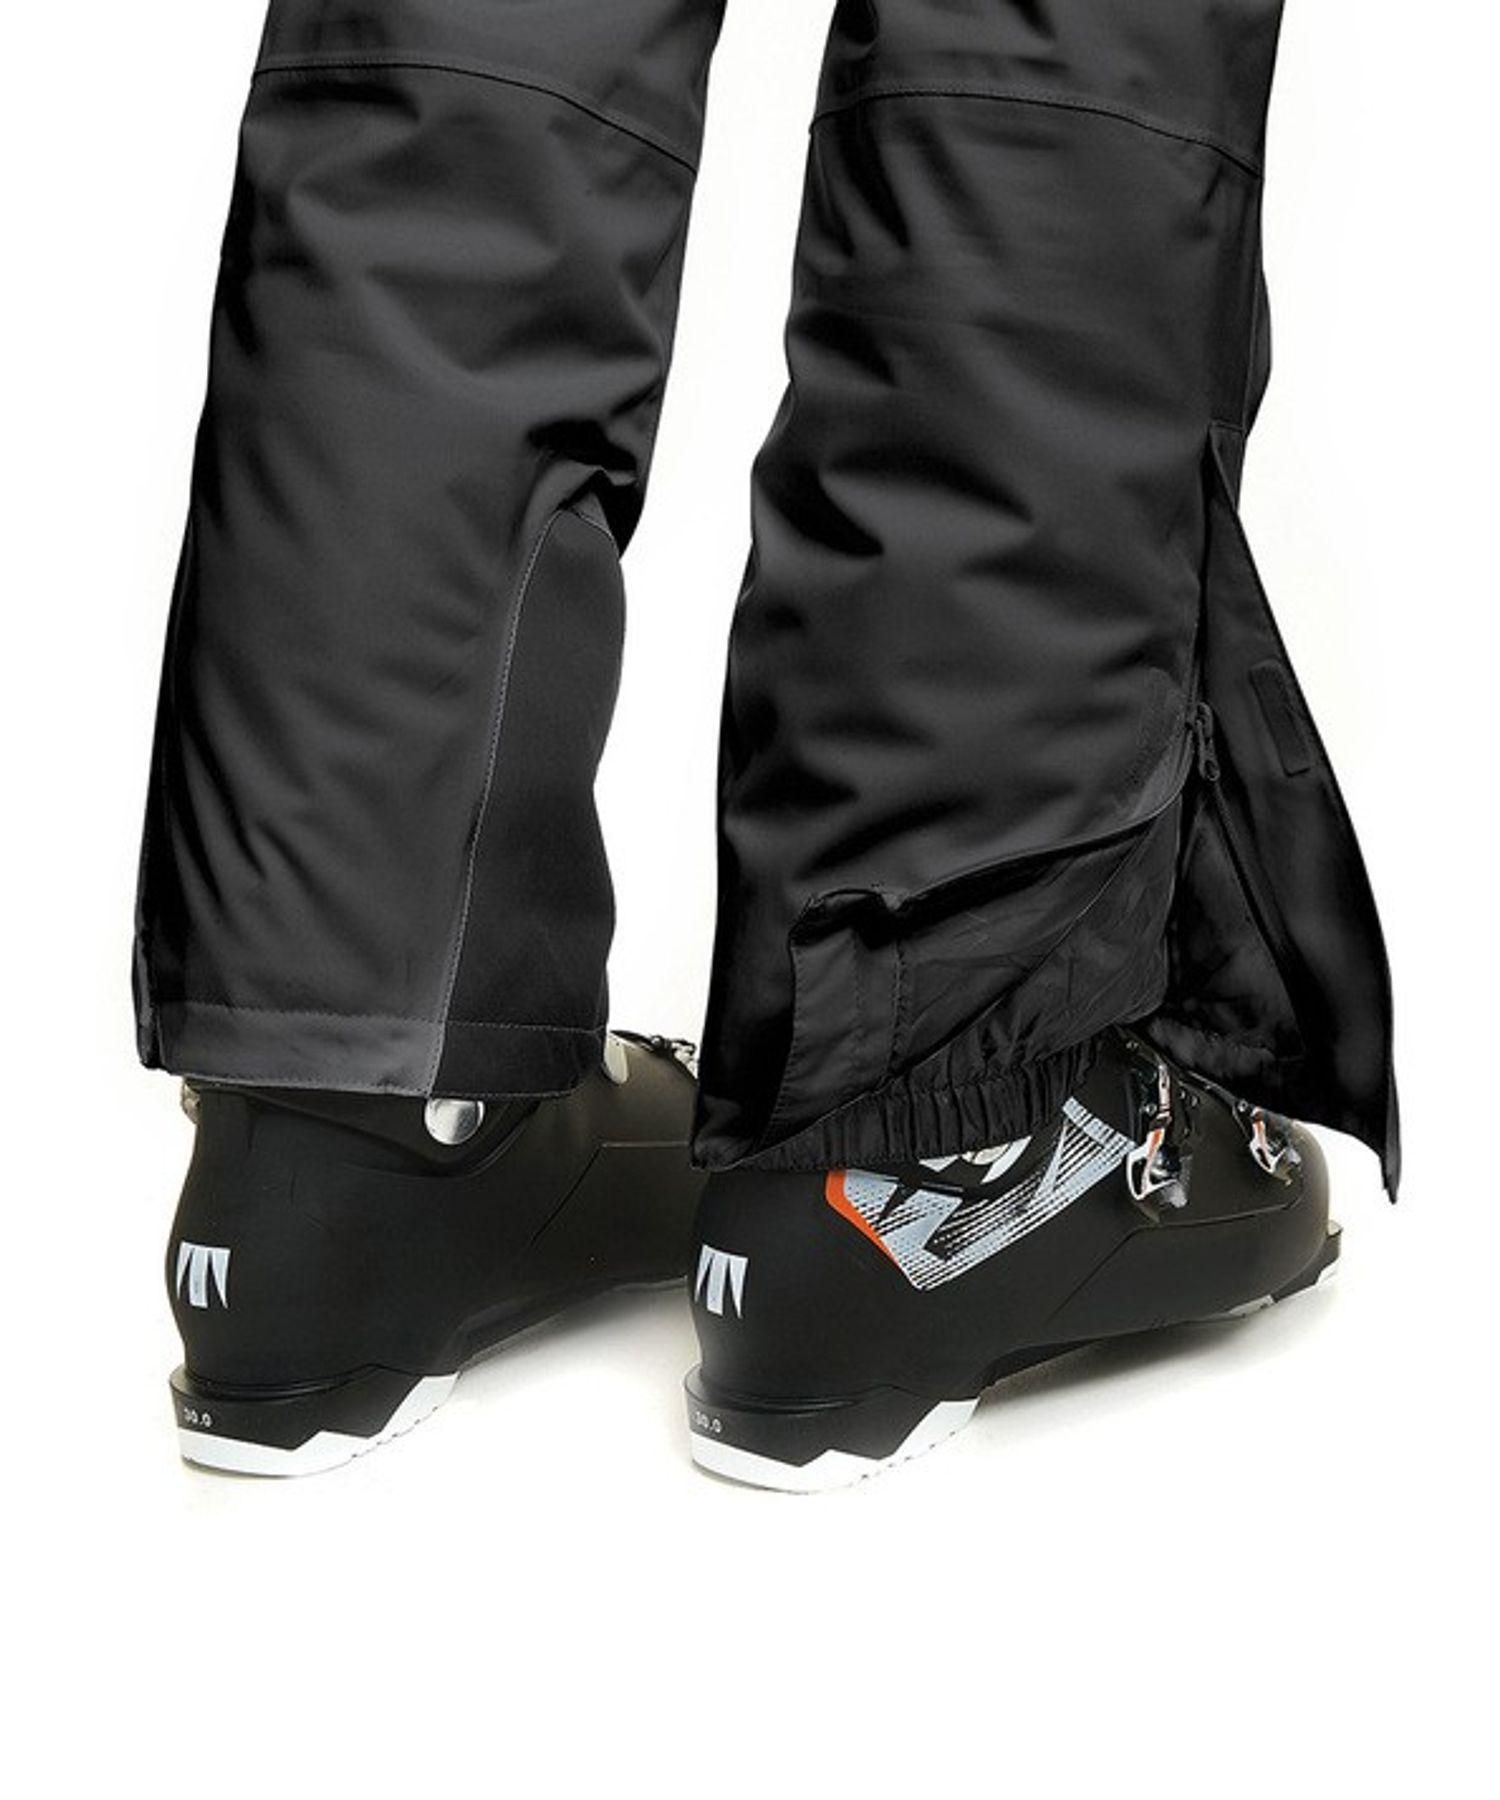 Maier Sports- Herren Ski Hose in Schwarz Artikel Anton 2 (100000) – Bild 3